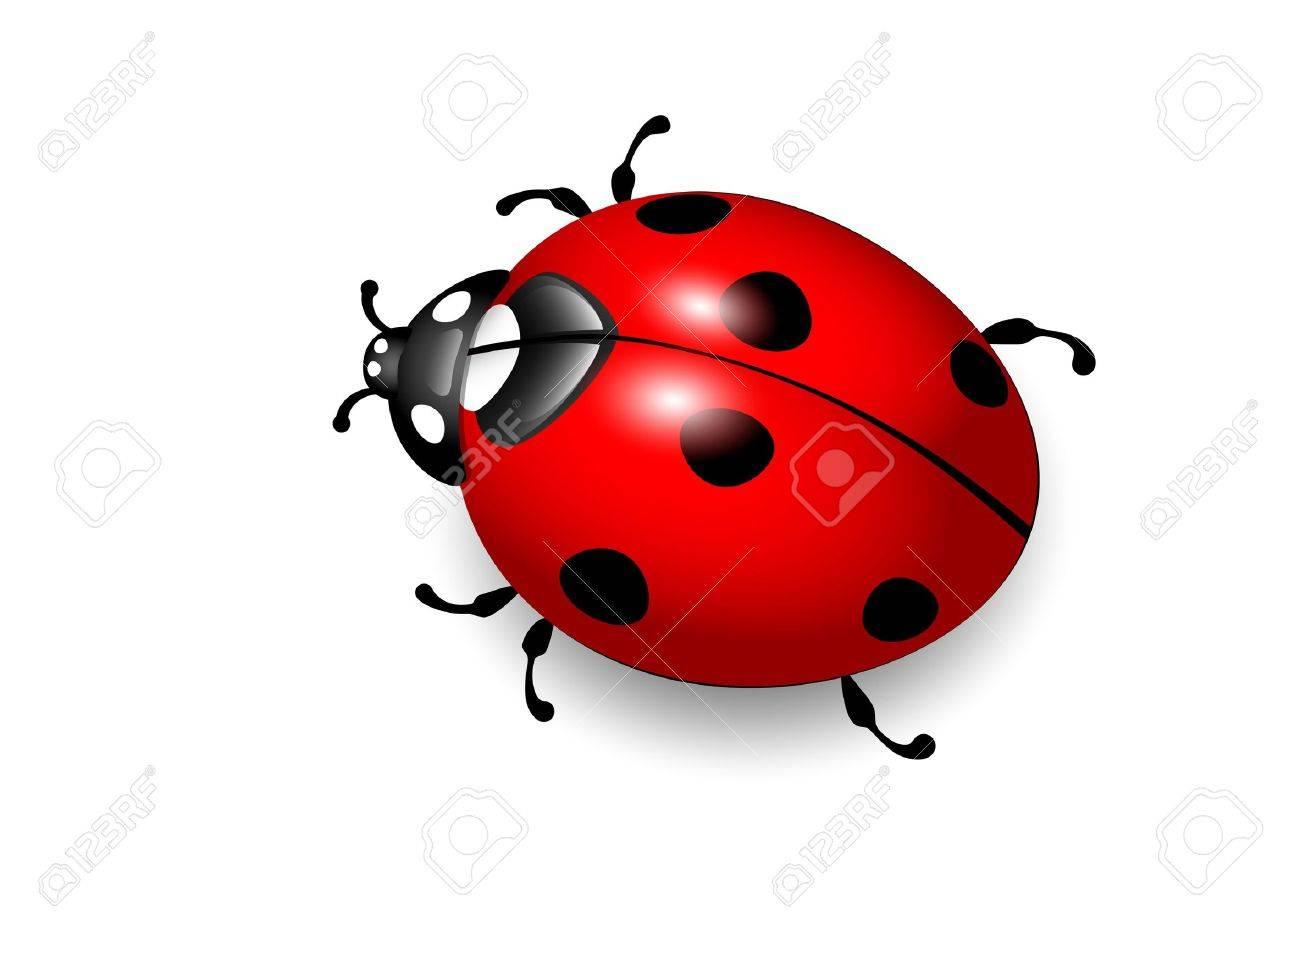 Ladybird Vector illustration of ladybug on white background Eps10 - 13187467